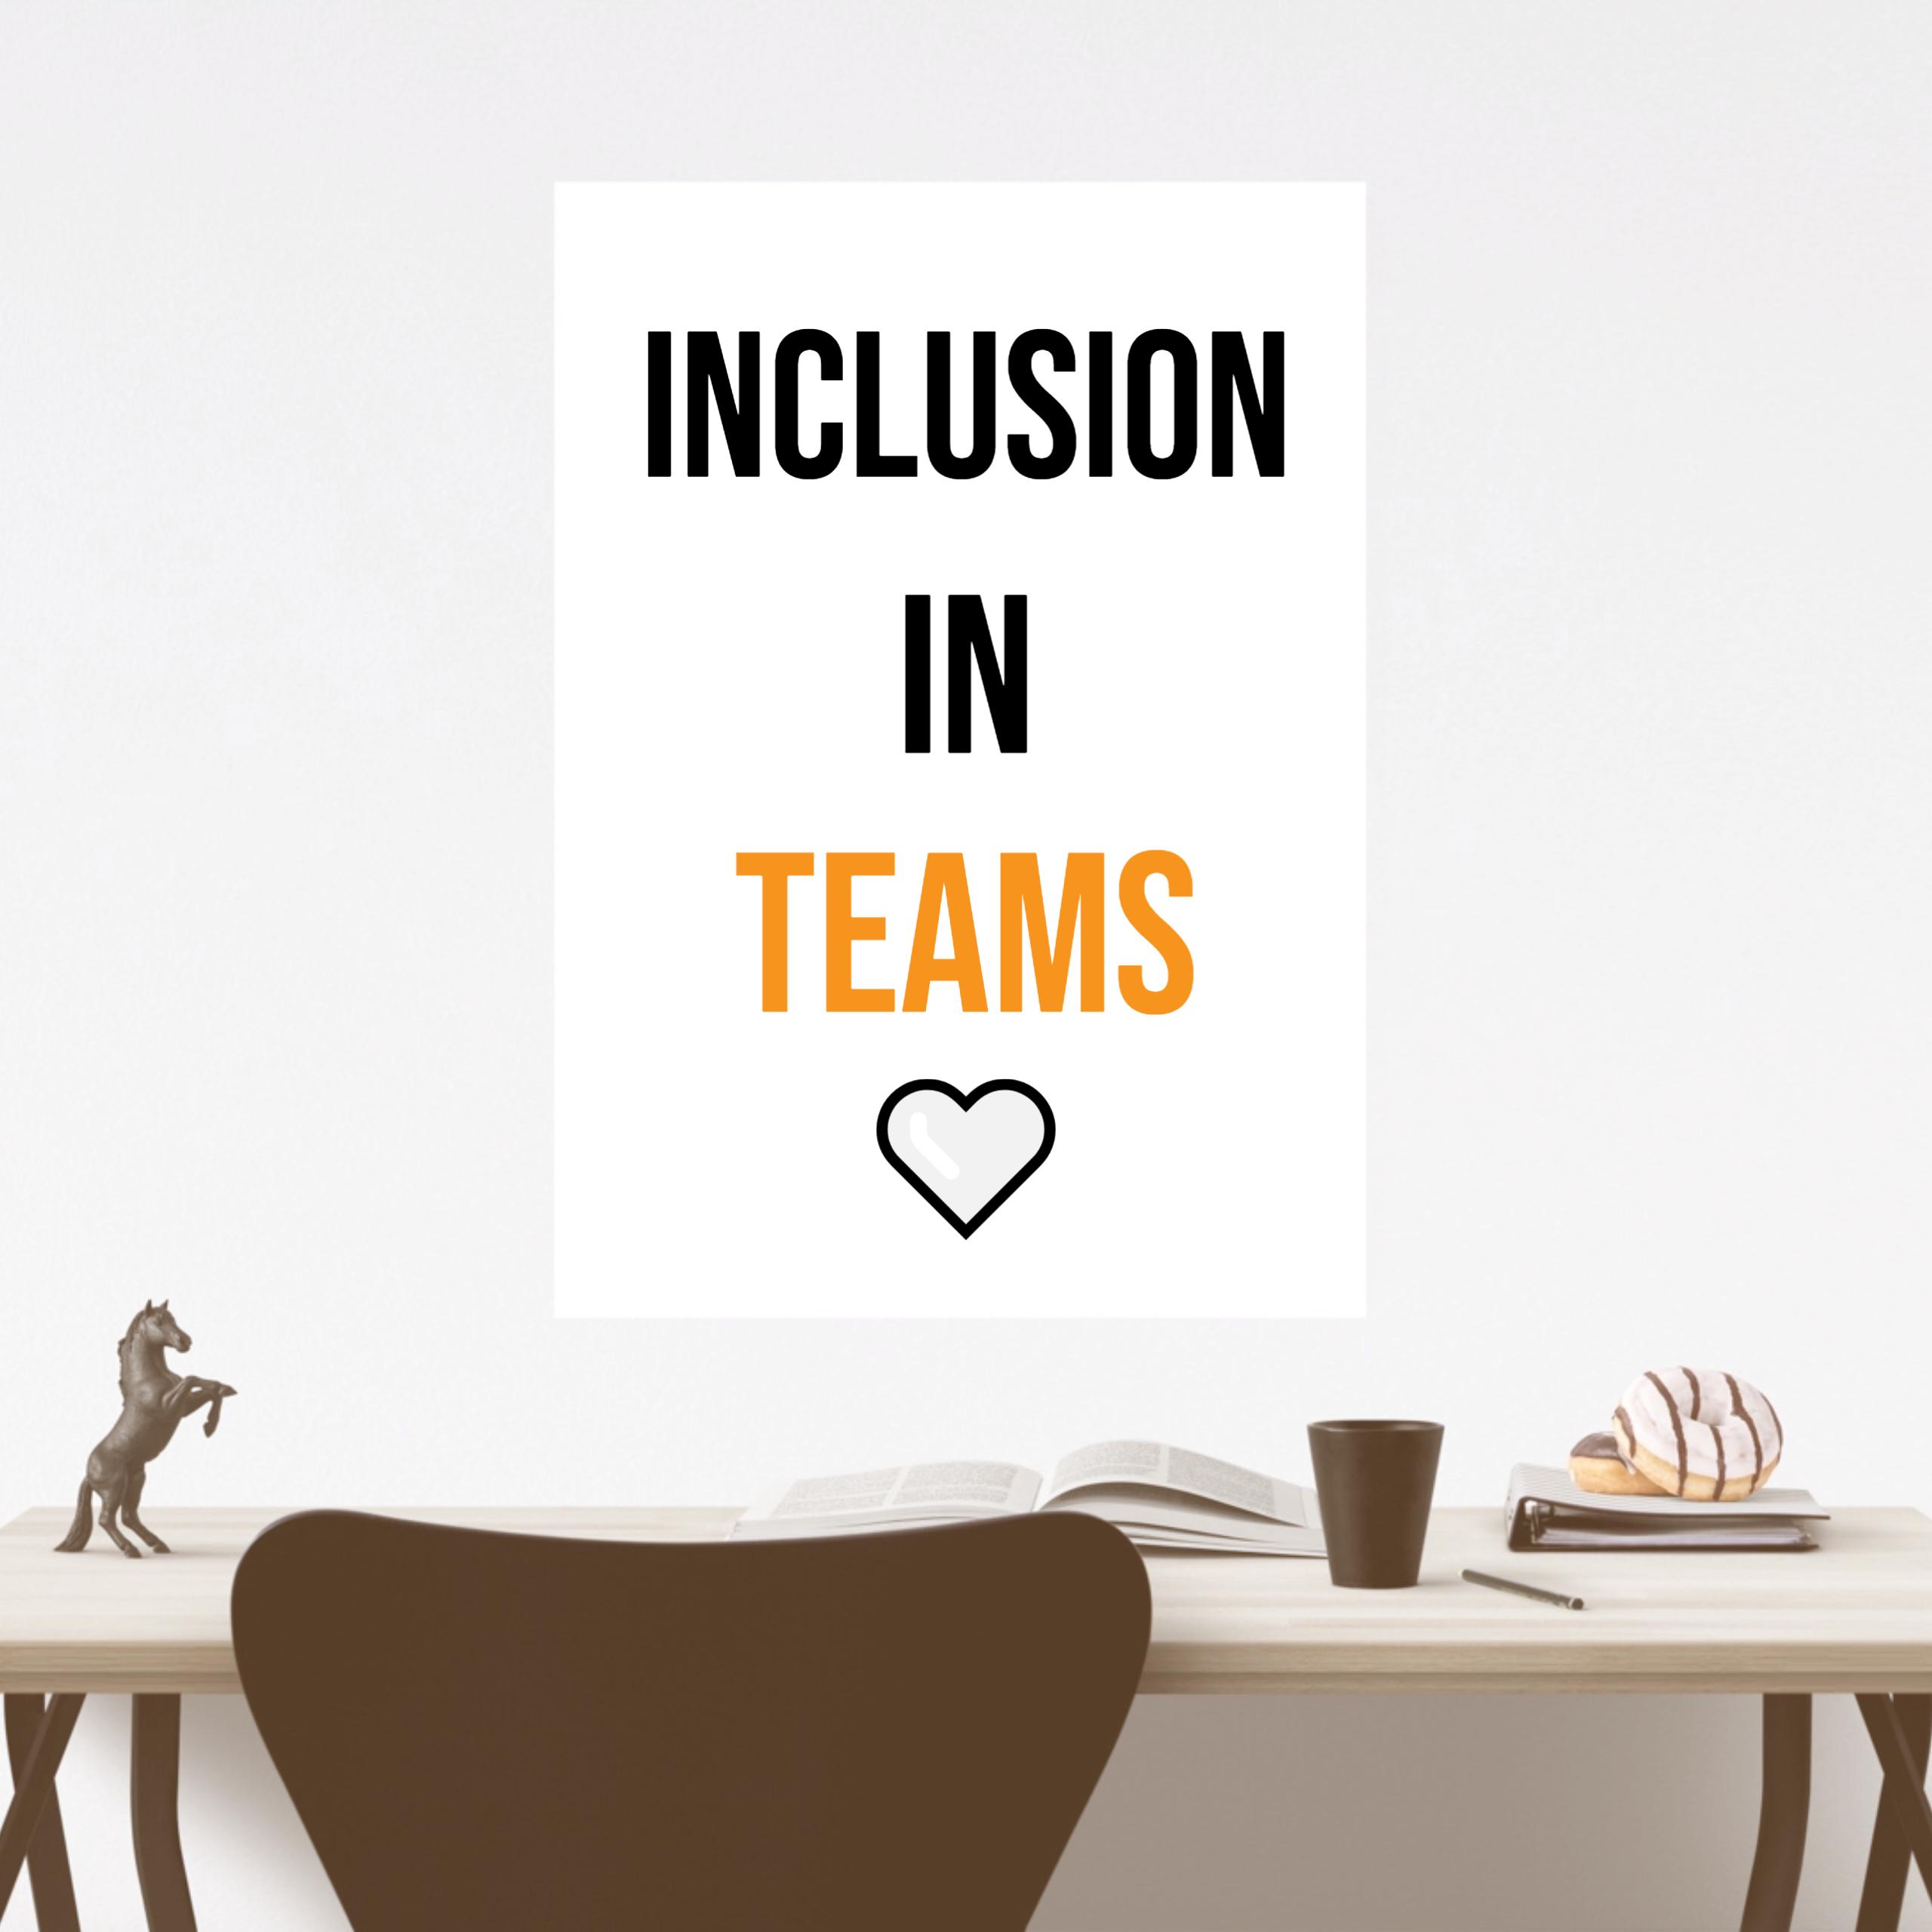 Inclusion in teams